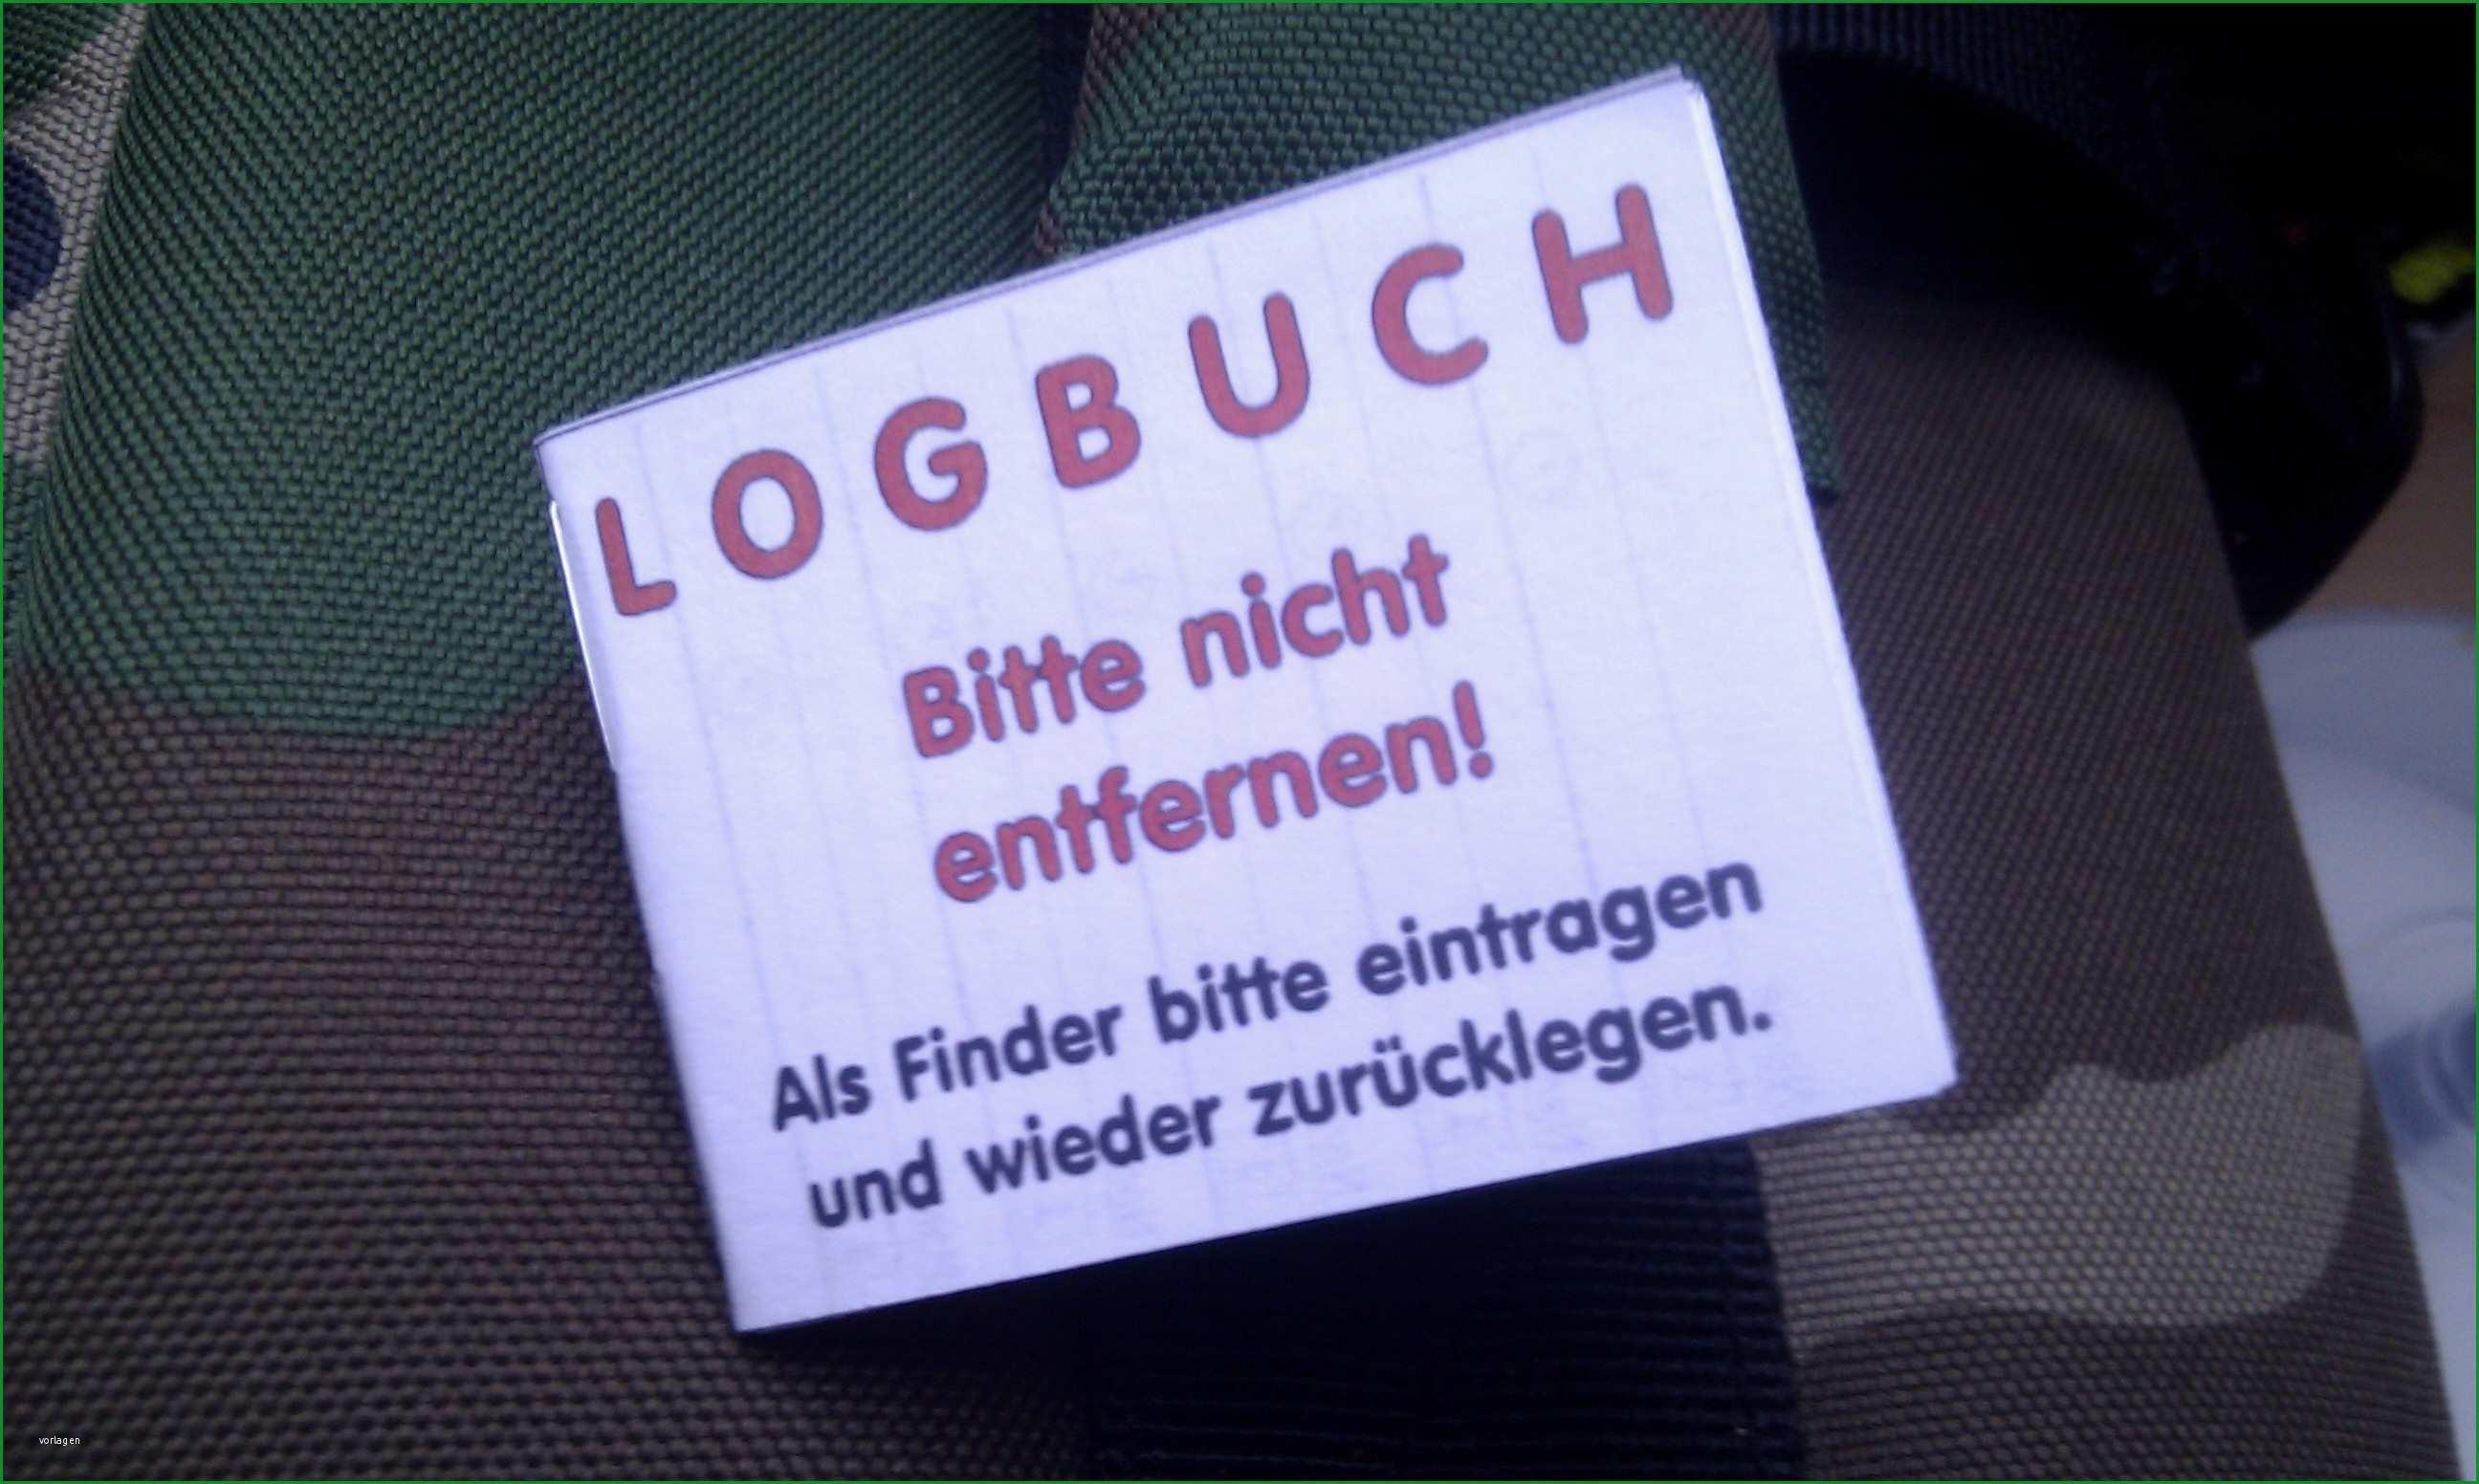 geocaching logbuch vorlage word